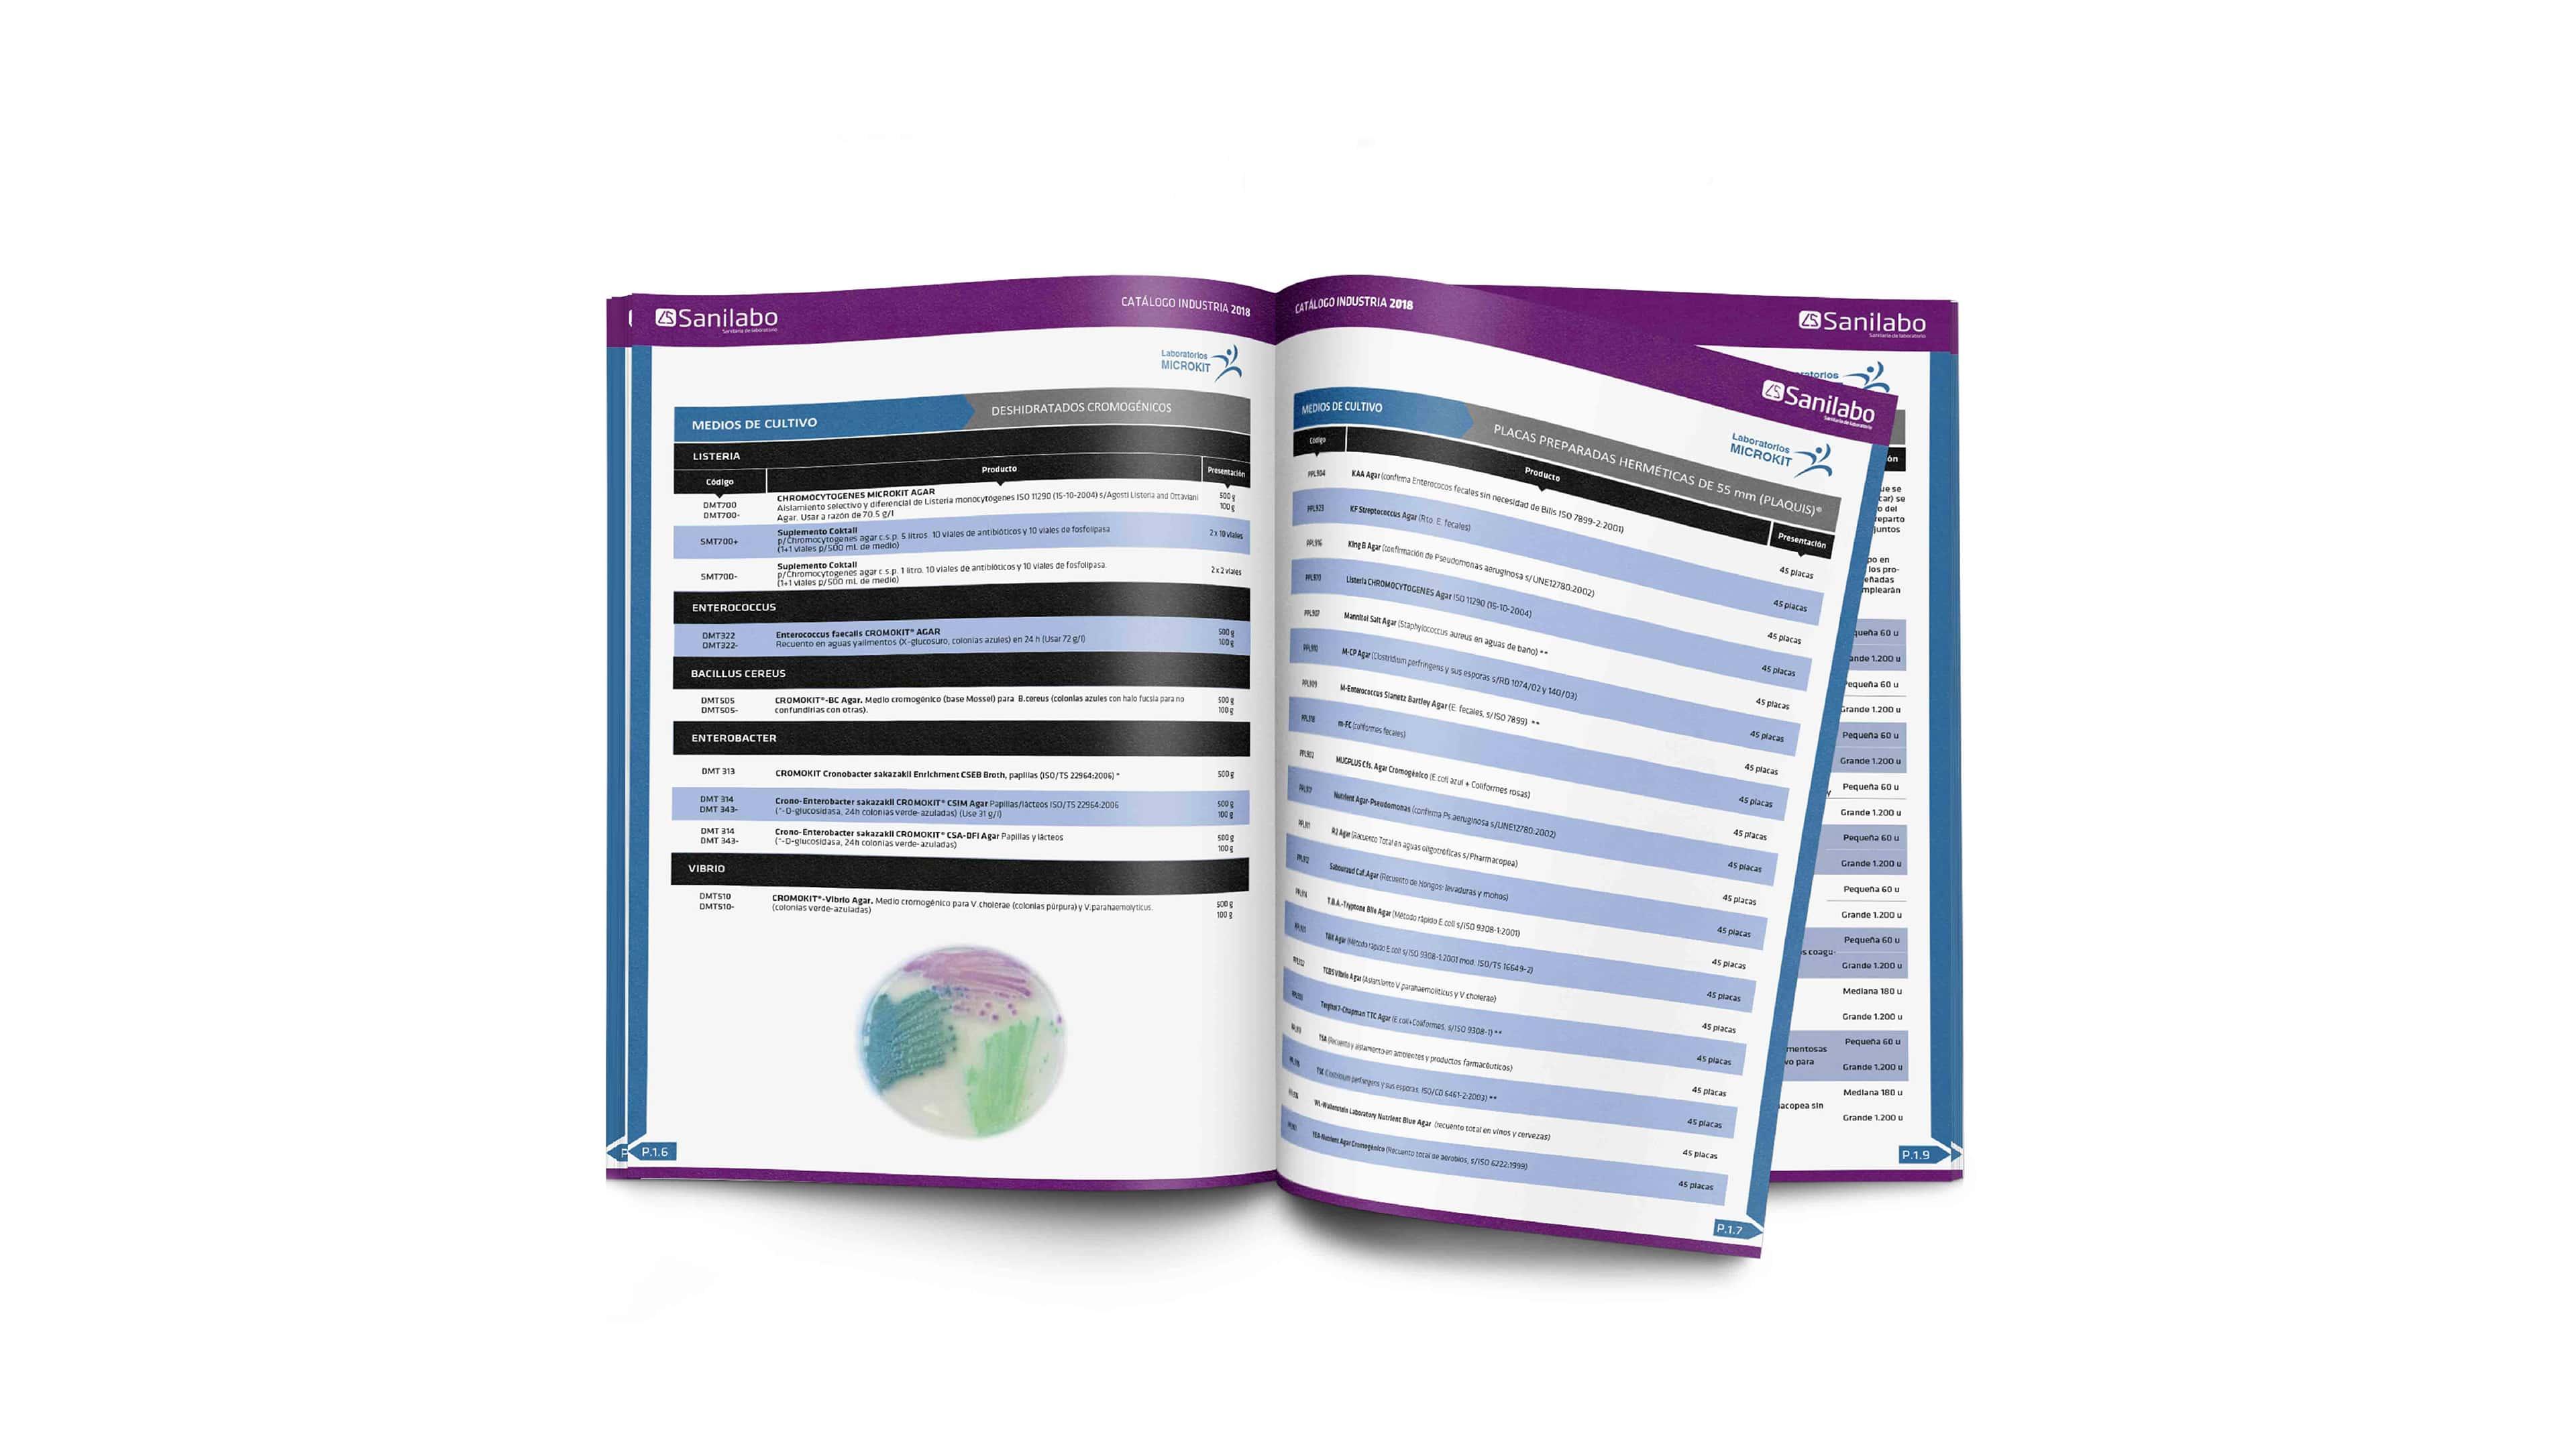 Joan Ibañez Marketing Catalogo